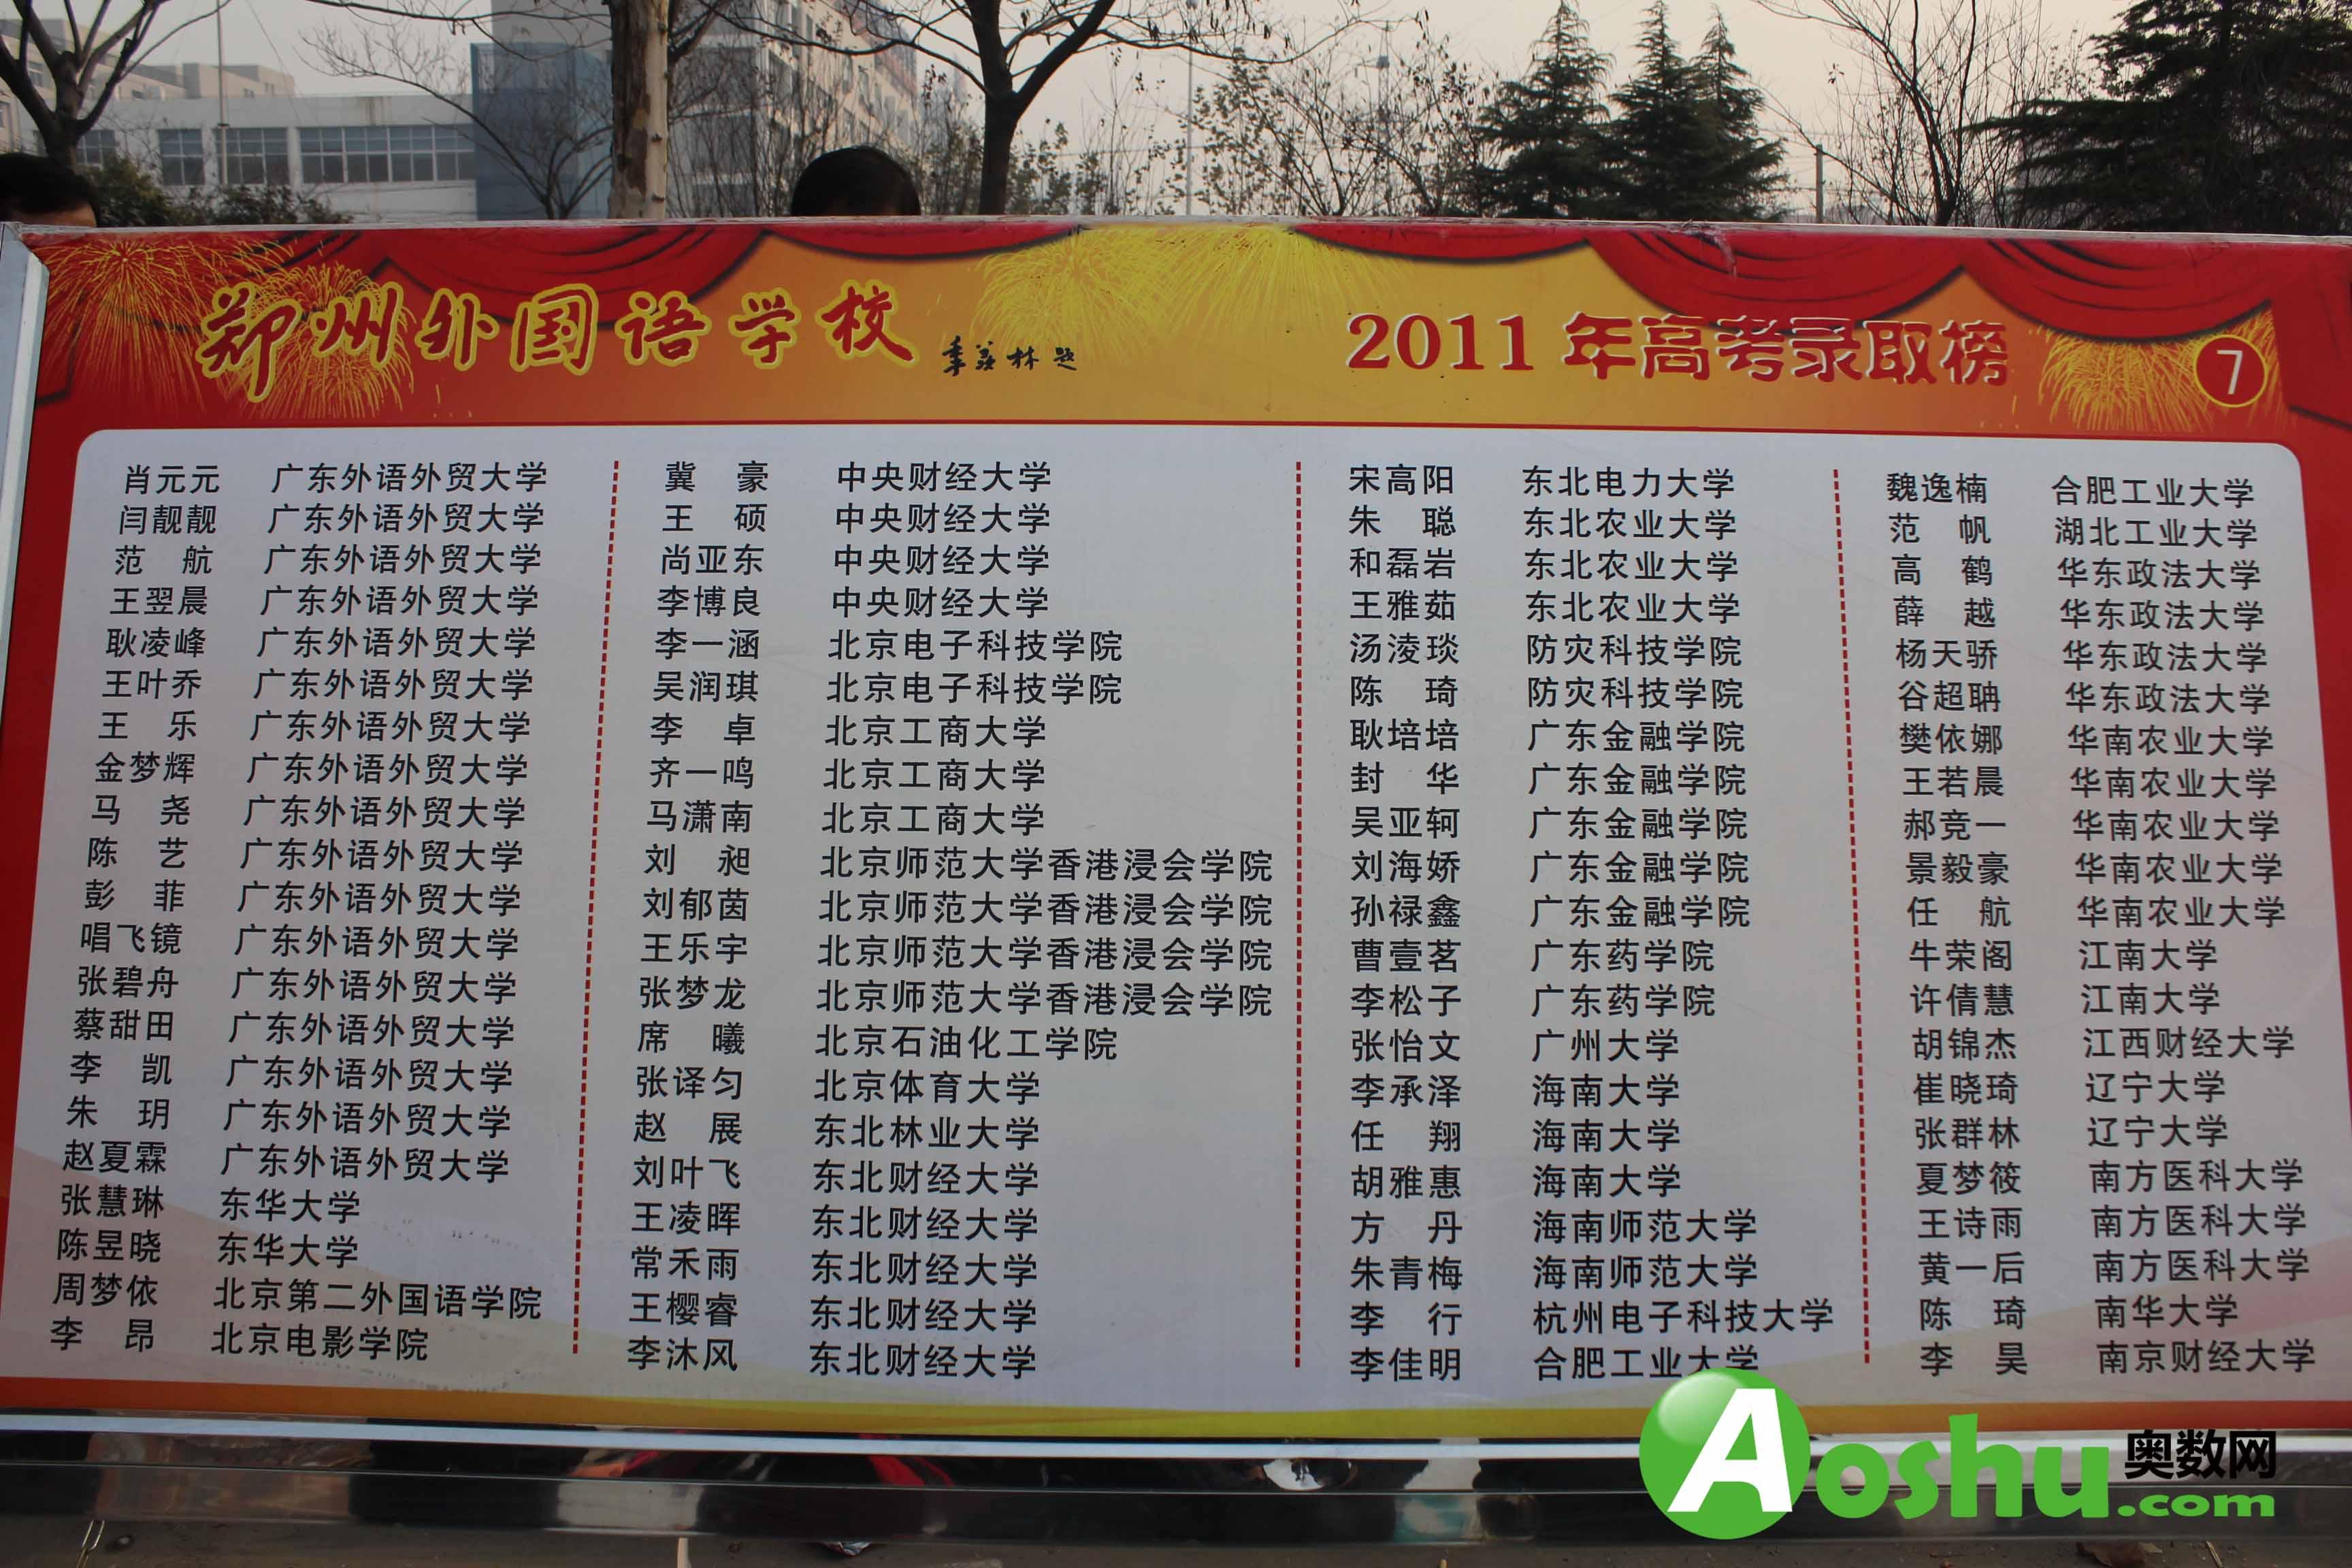 郑州外国语学校2011年高考成绩_郑州奥数网